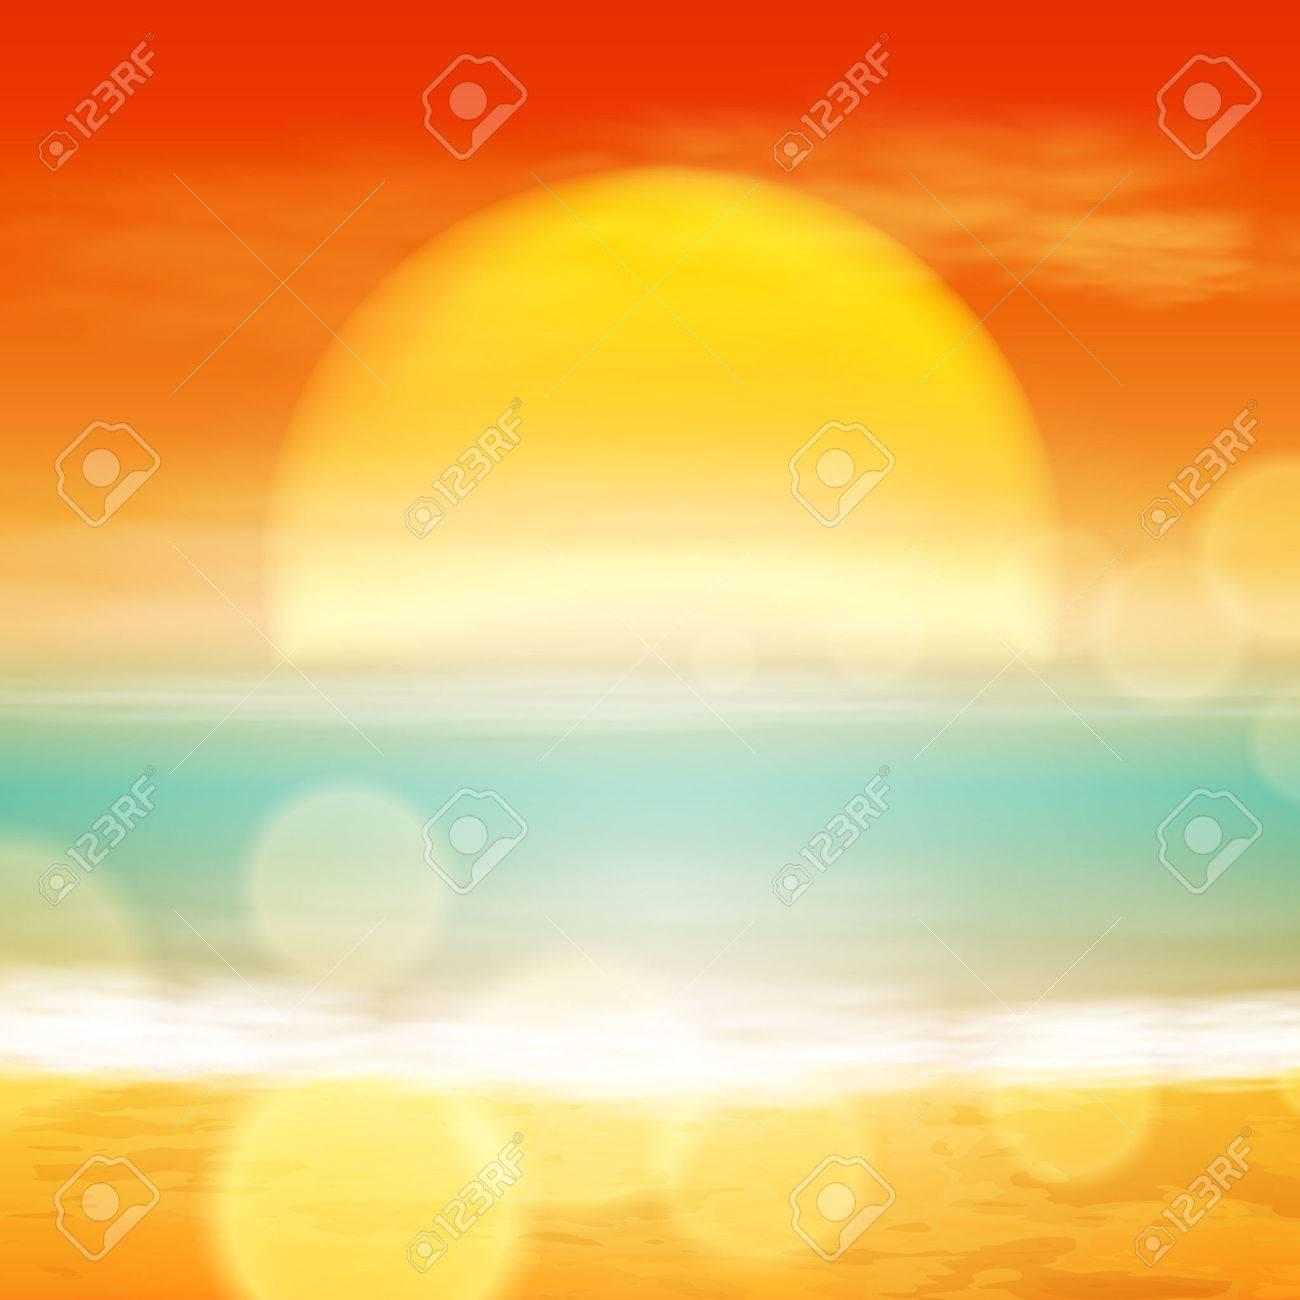 Coucher De Soleil Sur La Mer Avec Le Soleil La Lumiere Sur La